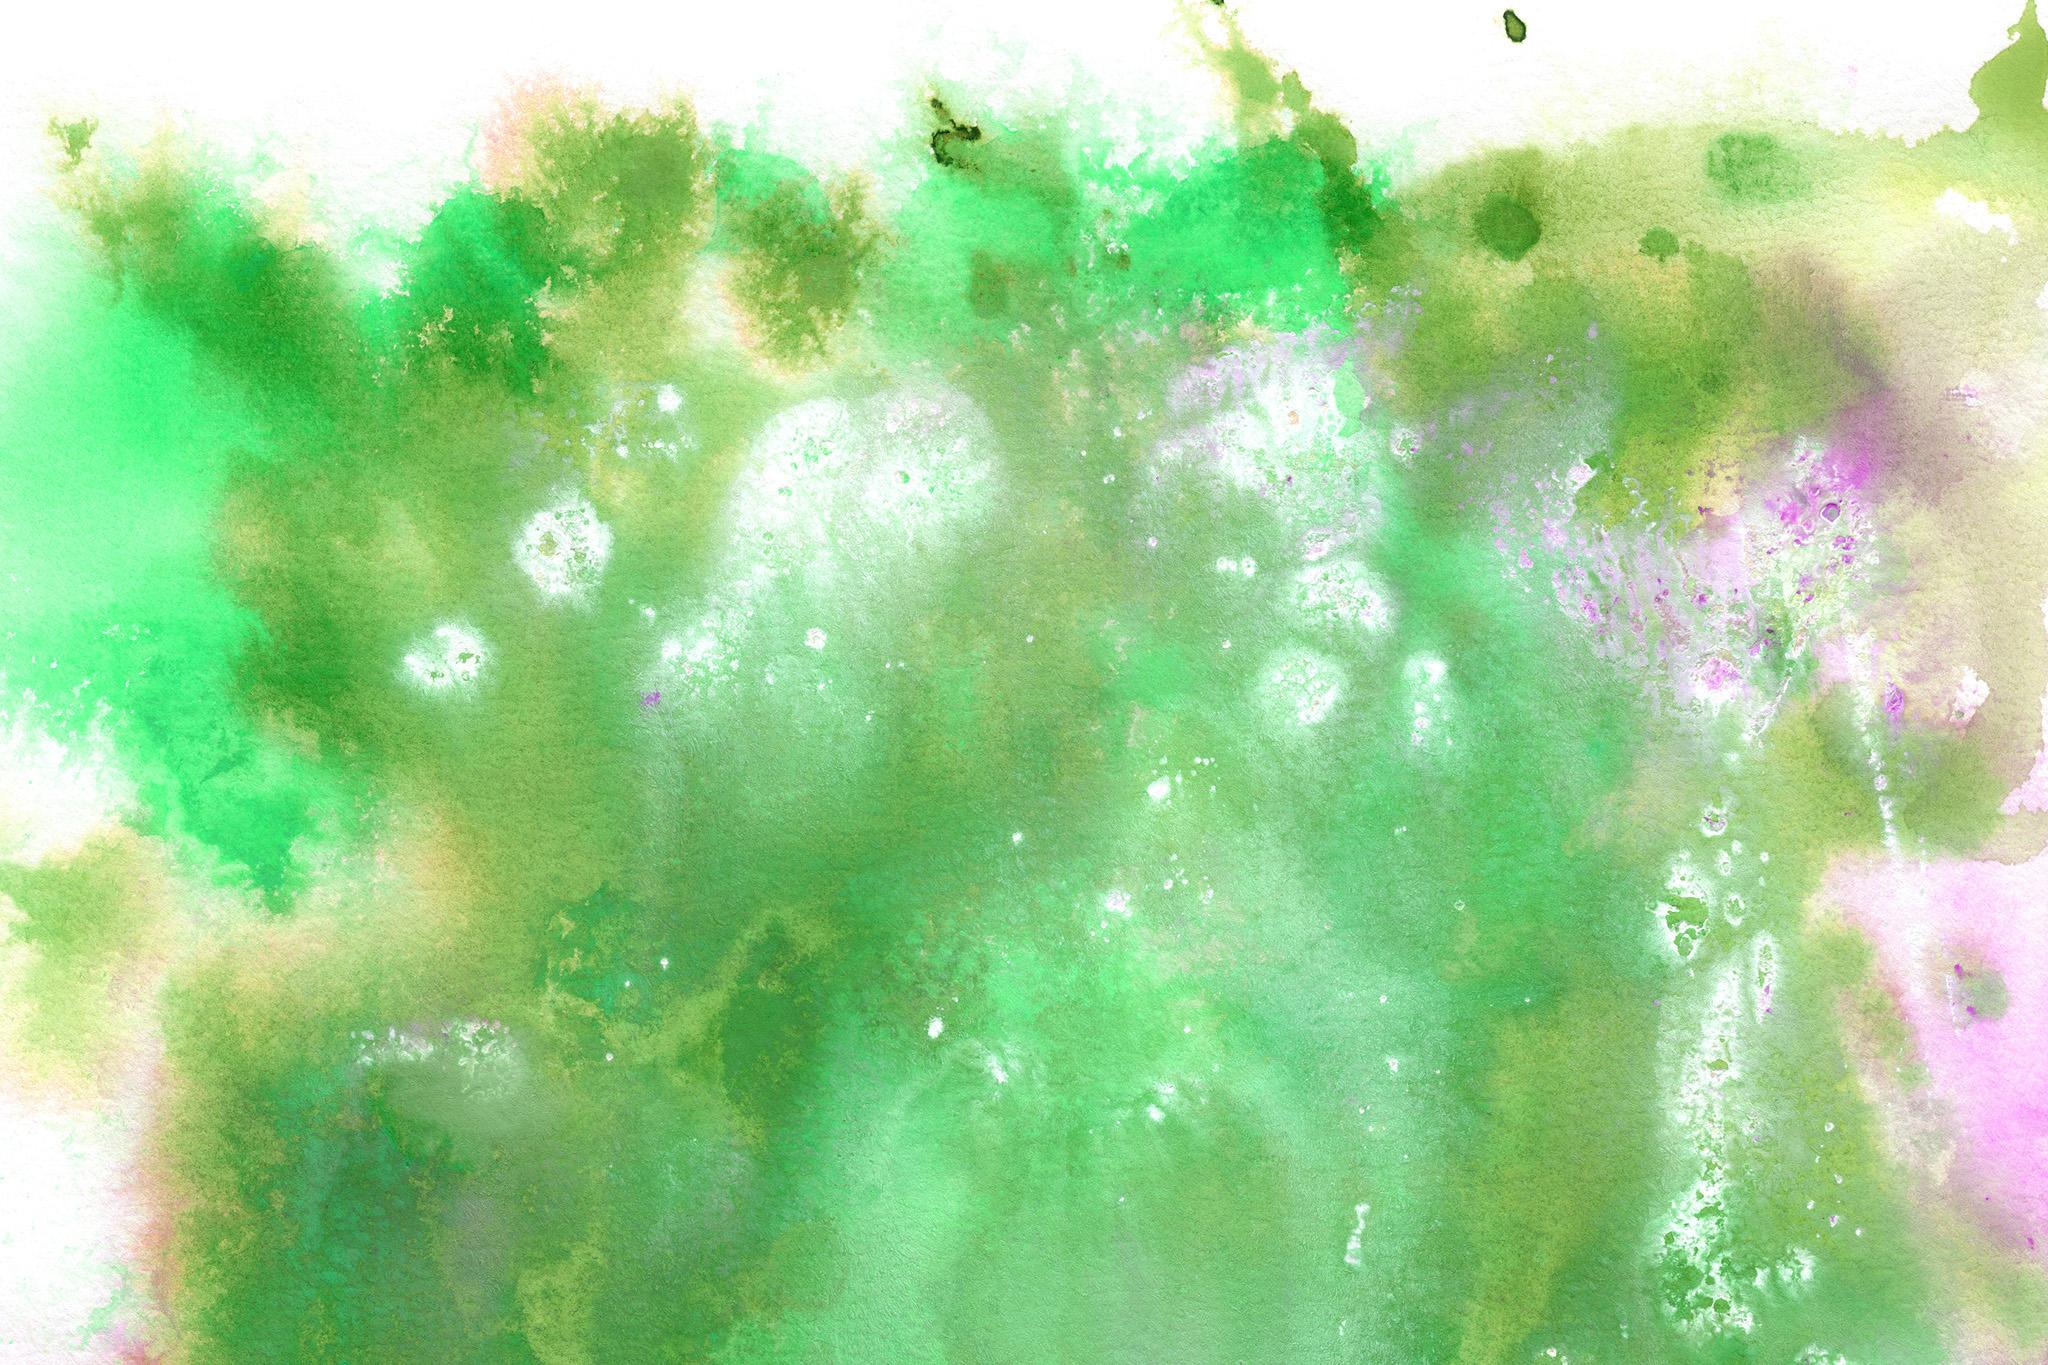 「野に咲く花のような水彩イメージ」